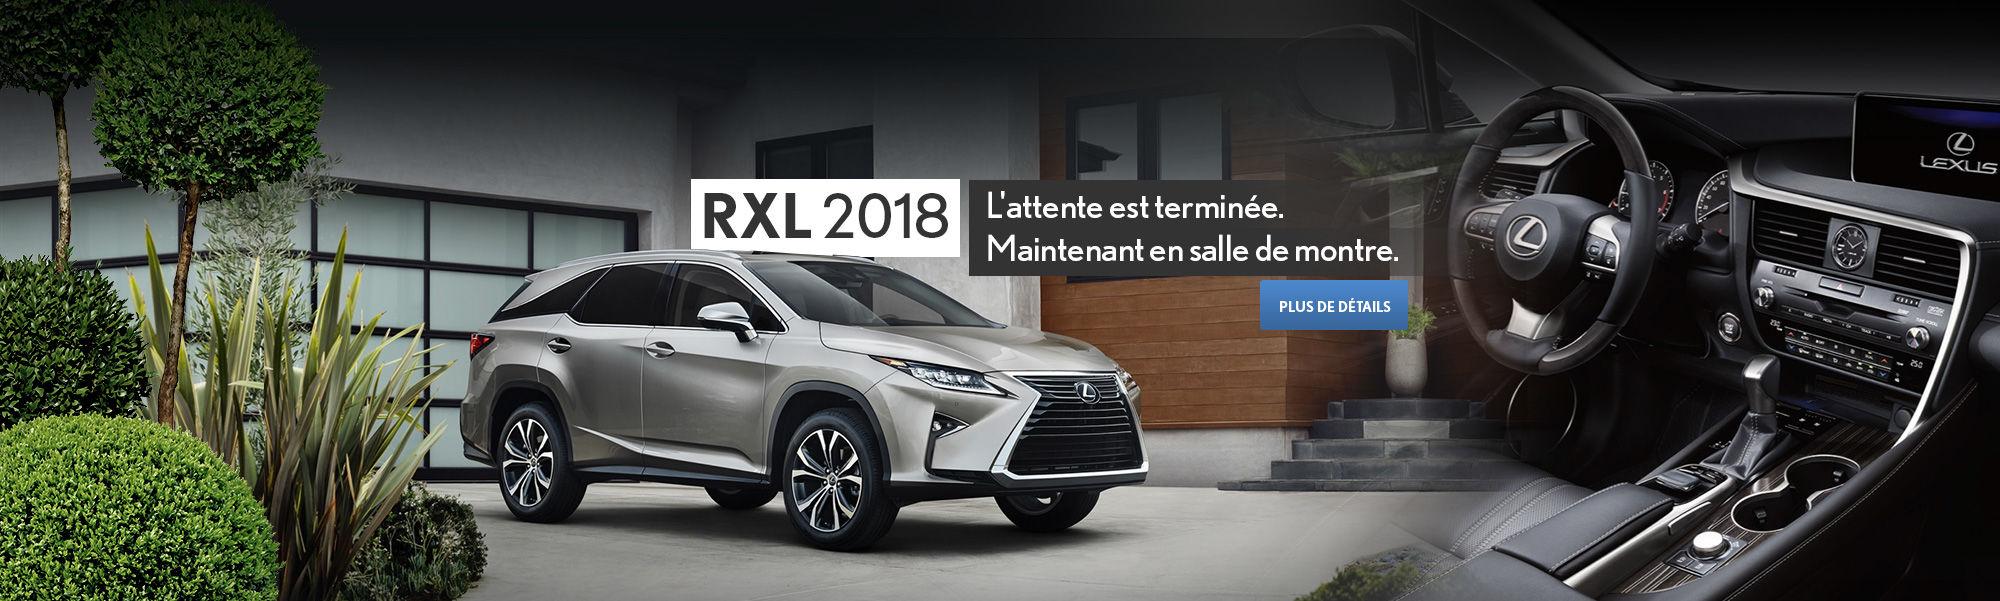 RXL 2018